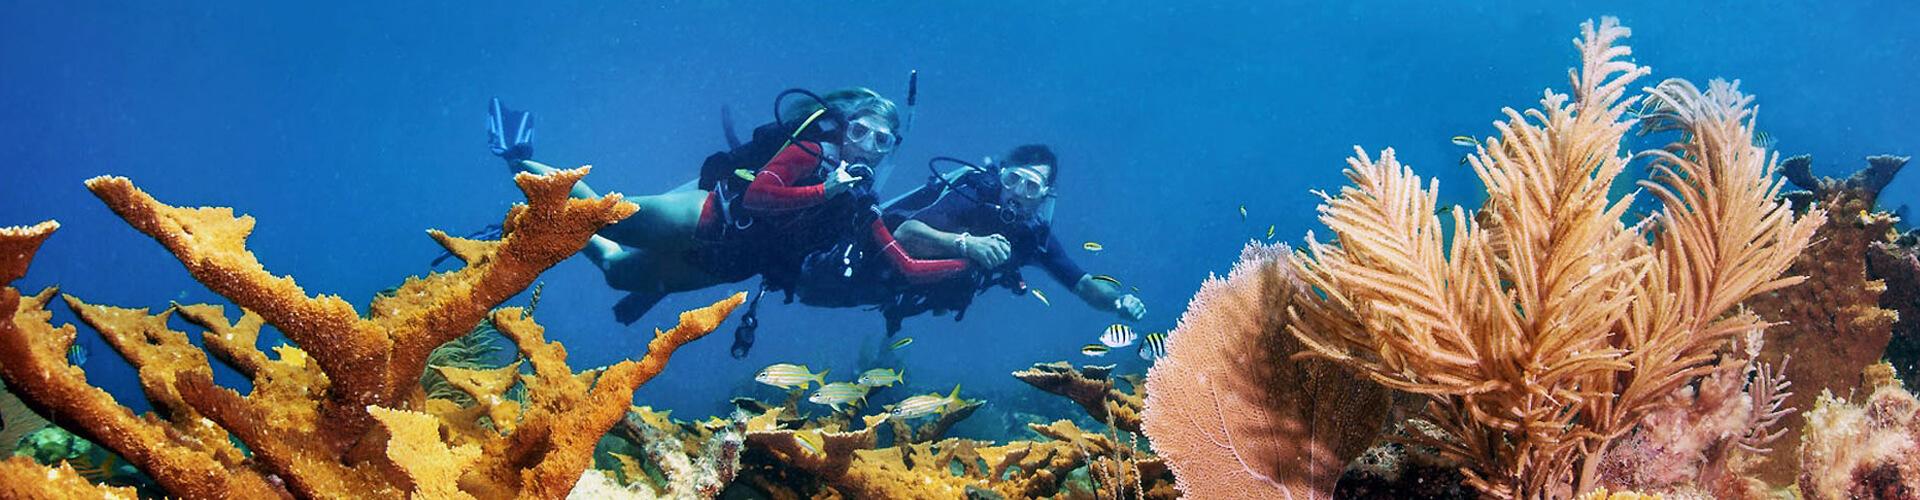 Dive Sites, Key West, FL